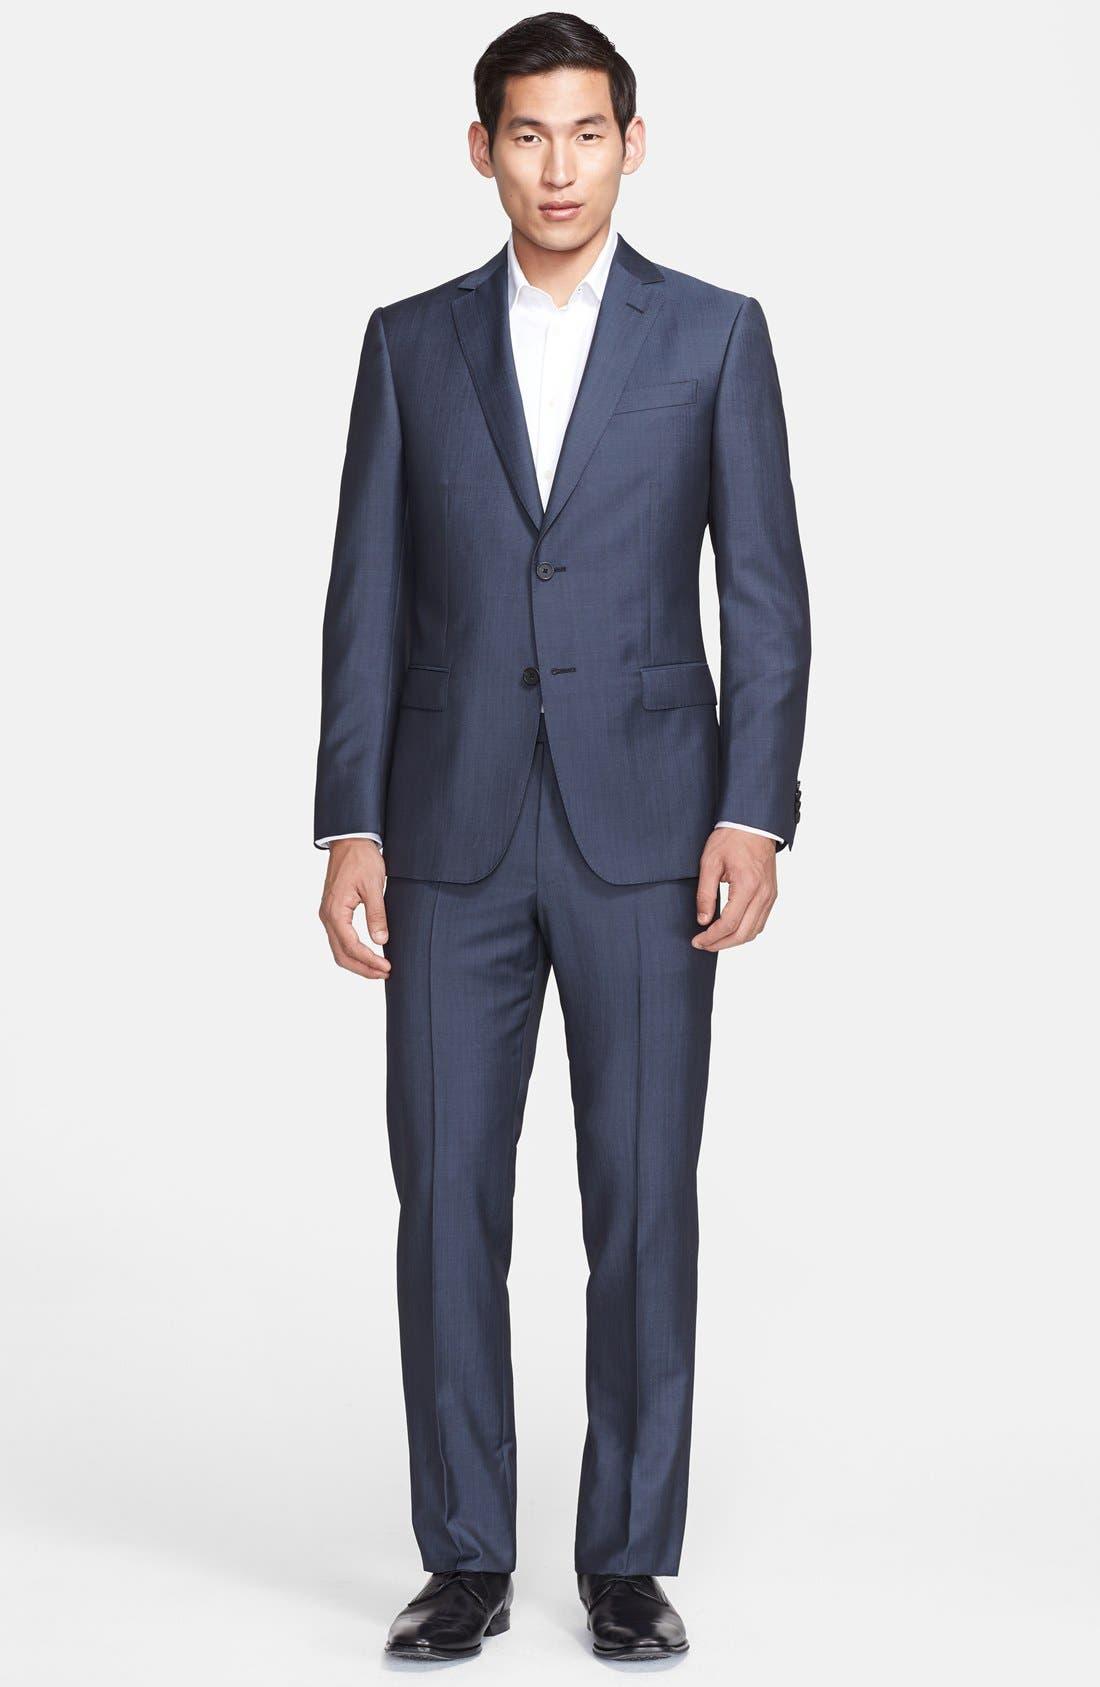 Z Zegna Trim Fit Wool & Mohair Suit